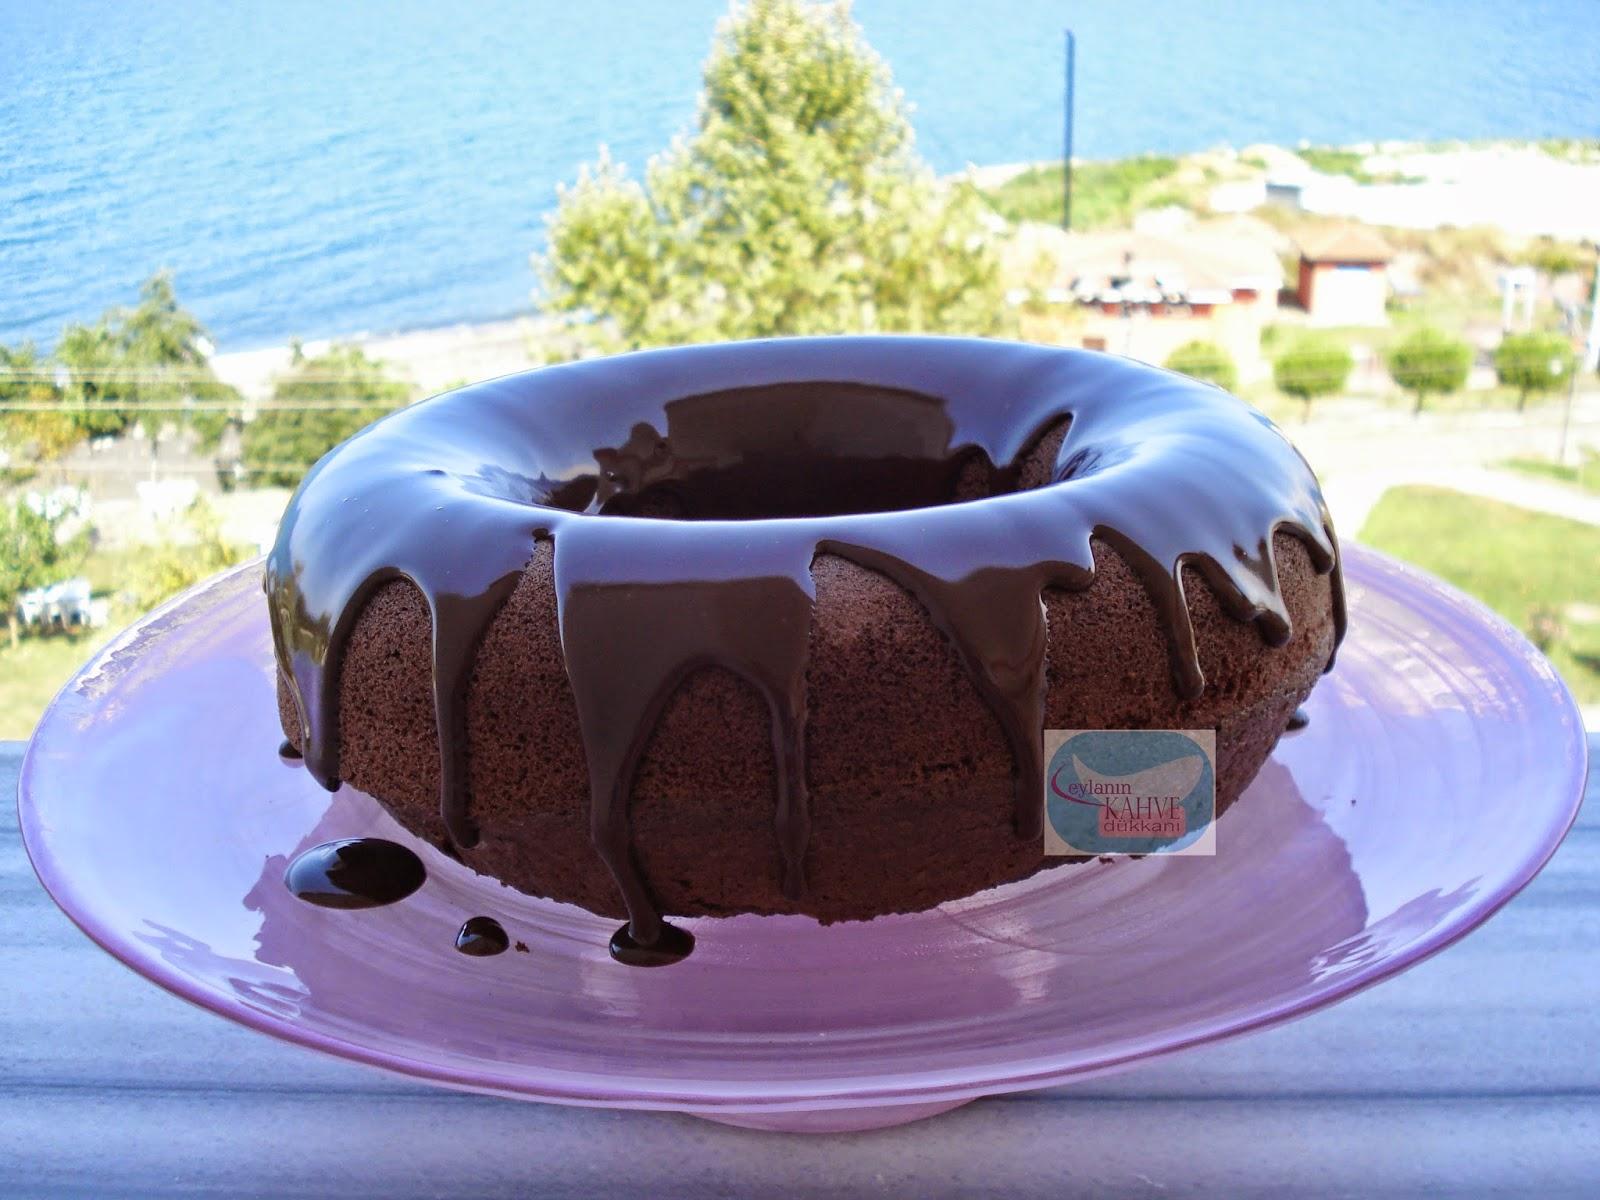 Kakaolu ve bademli kek , bademli kek nasıl yapılır ? Pakmaya çikolatalı sos